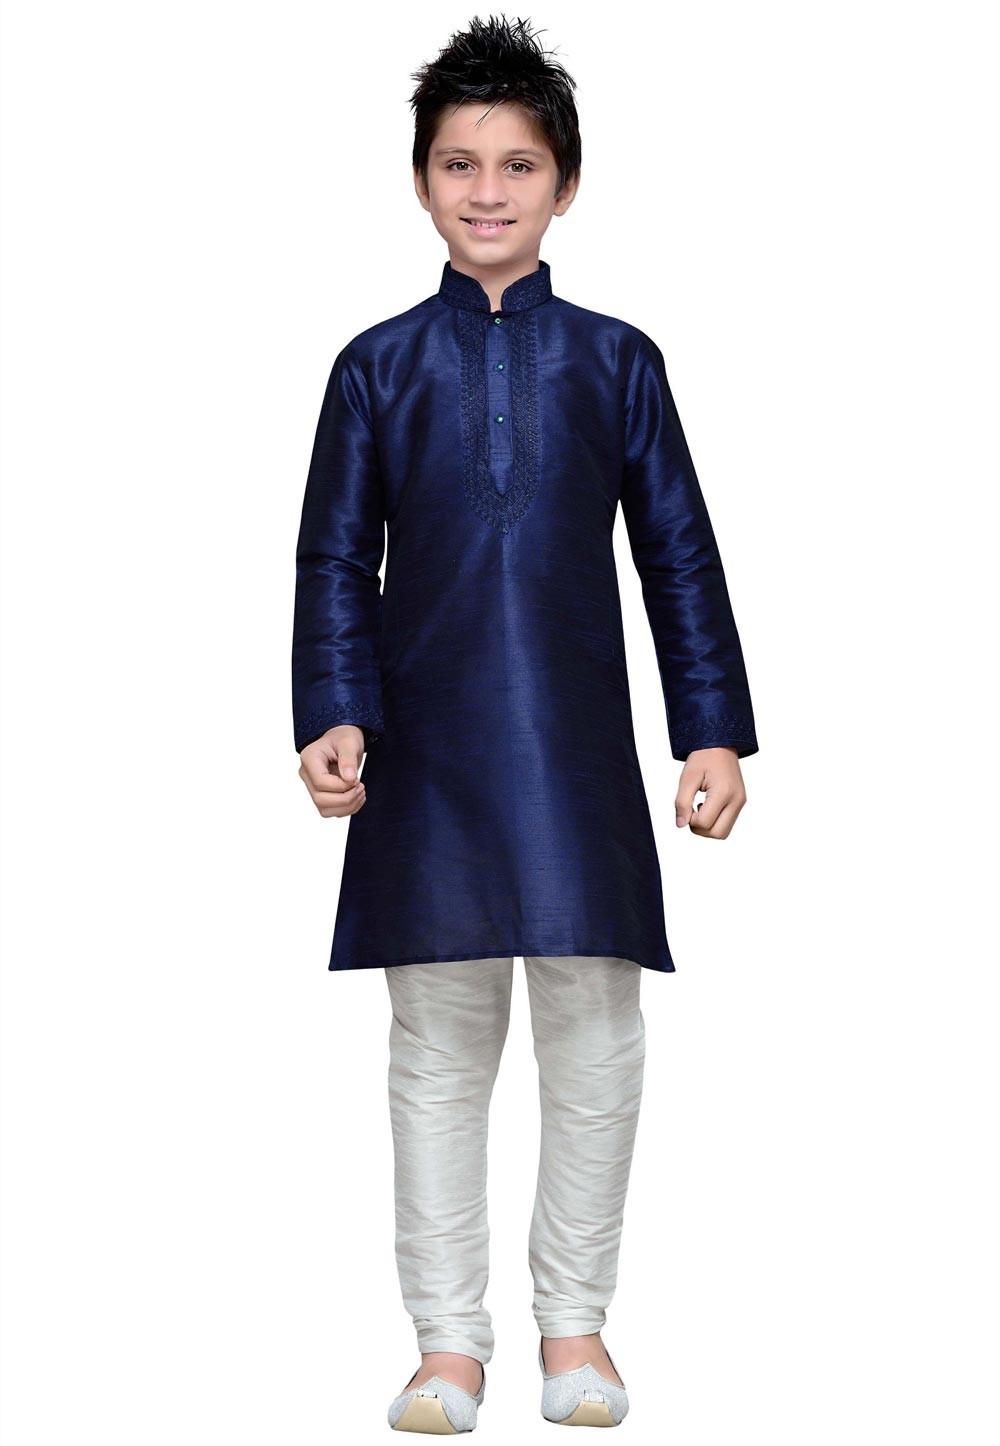 Blue Color Cotton Fabric Boy's Kurta Pajama.